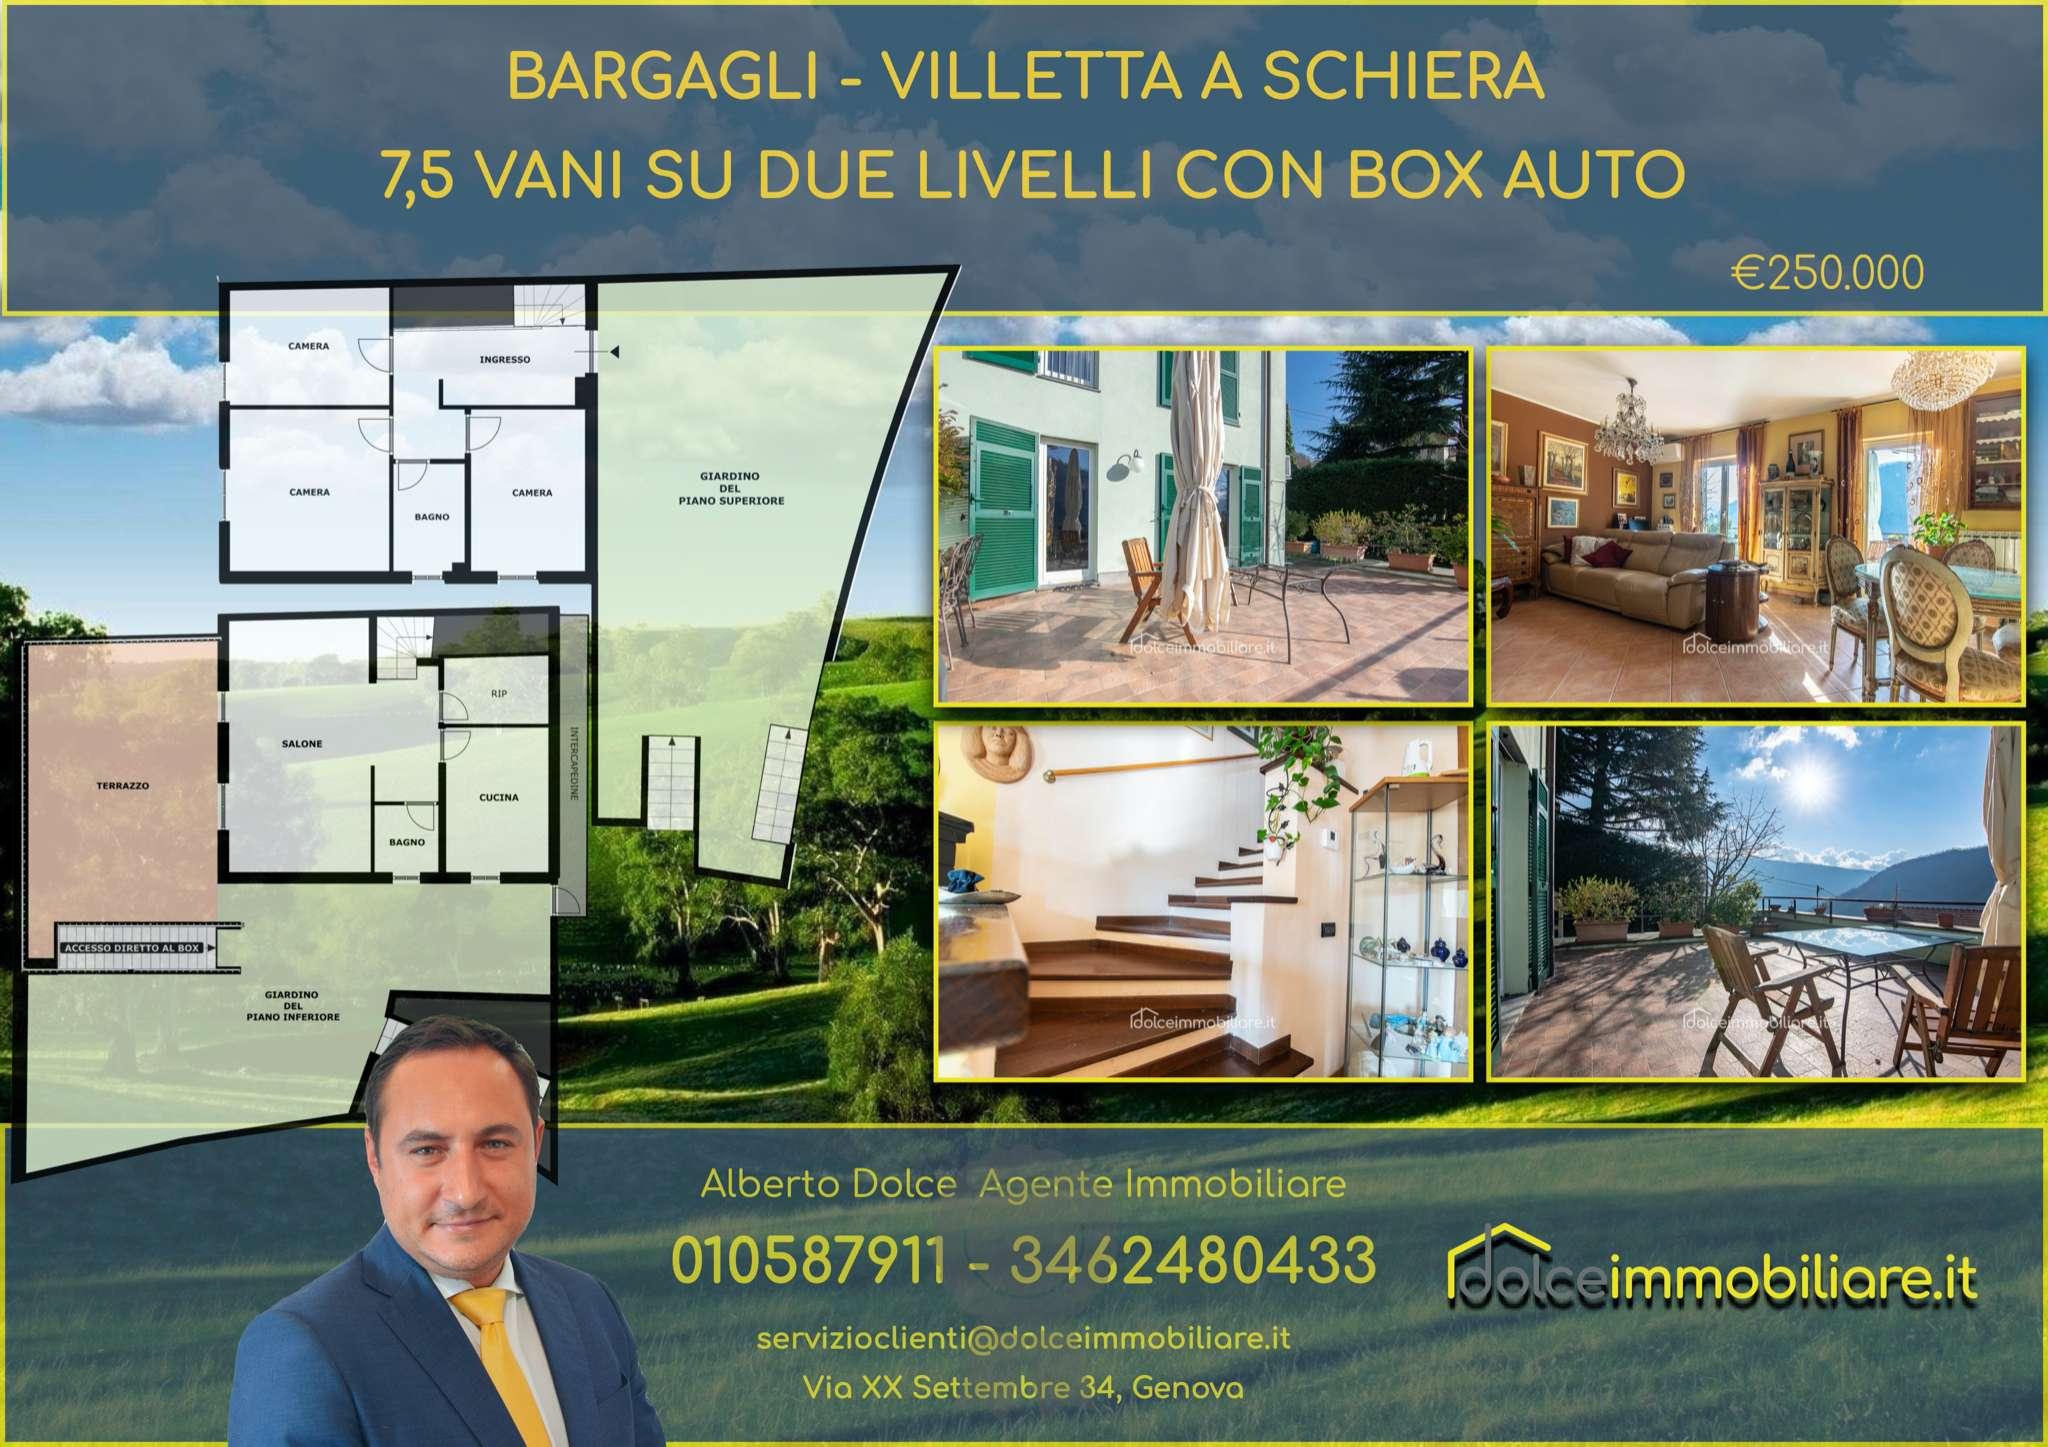 Soluzione Indipendente in vendita a Bargagli, 5 locali, prezzo € 250.000 | PortaleAgenzieImmobiliari.it